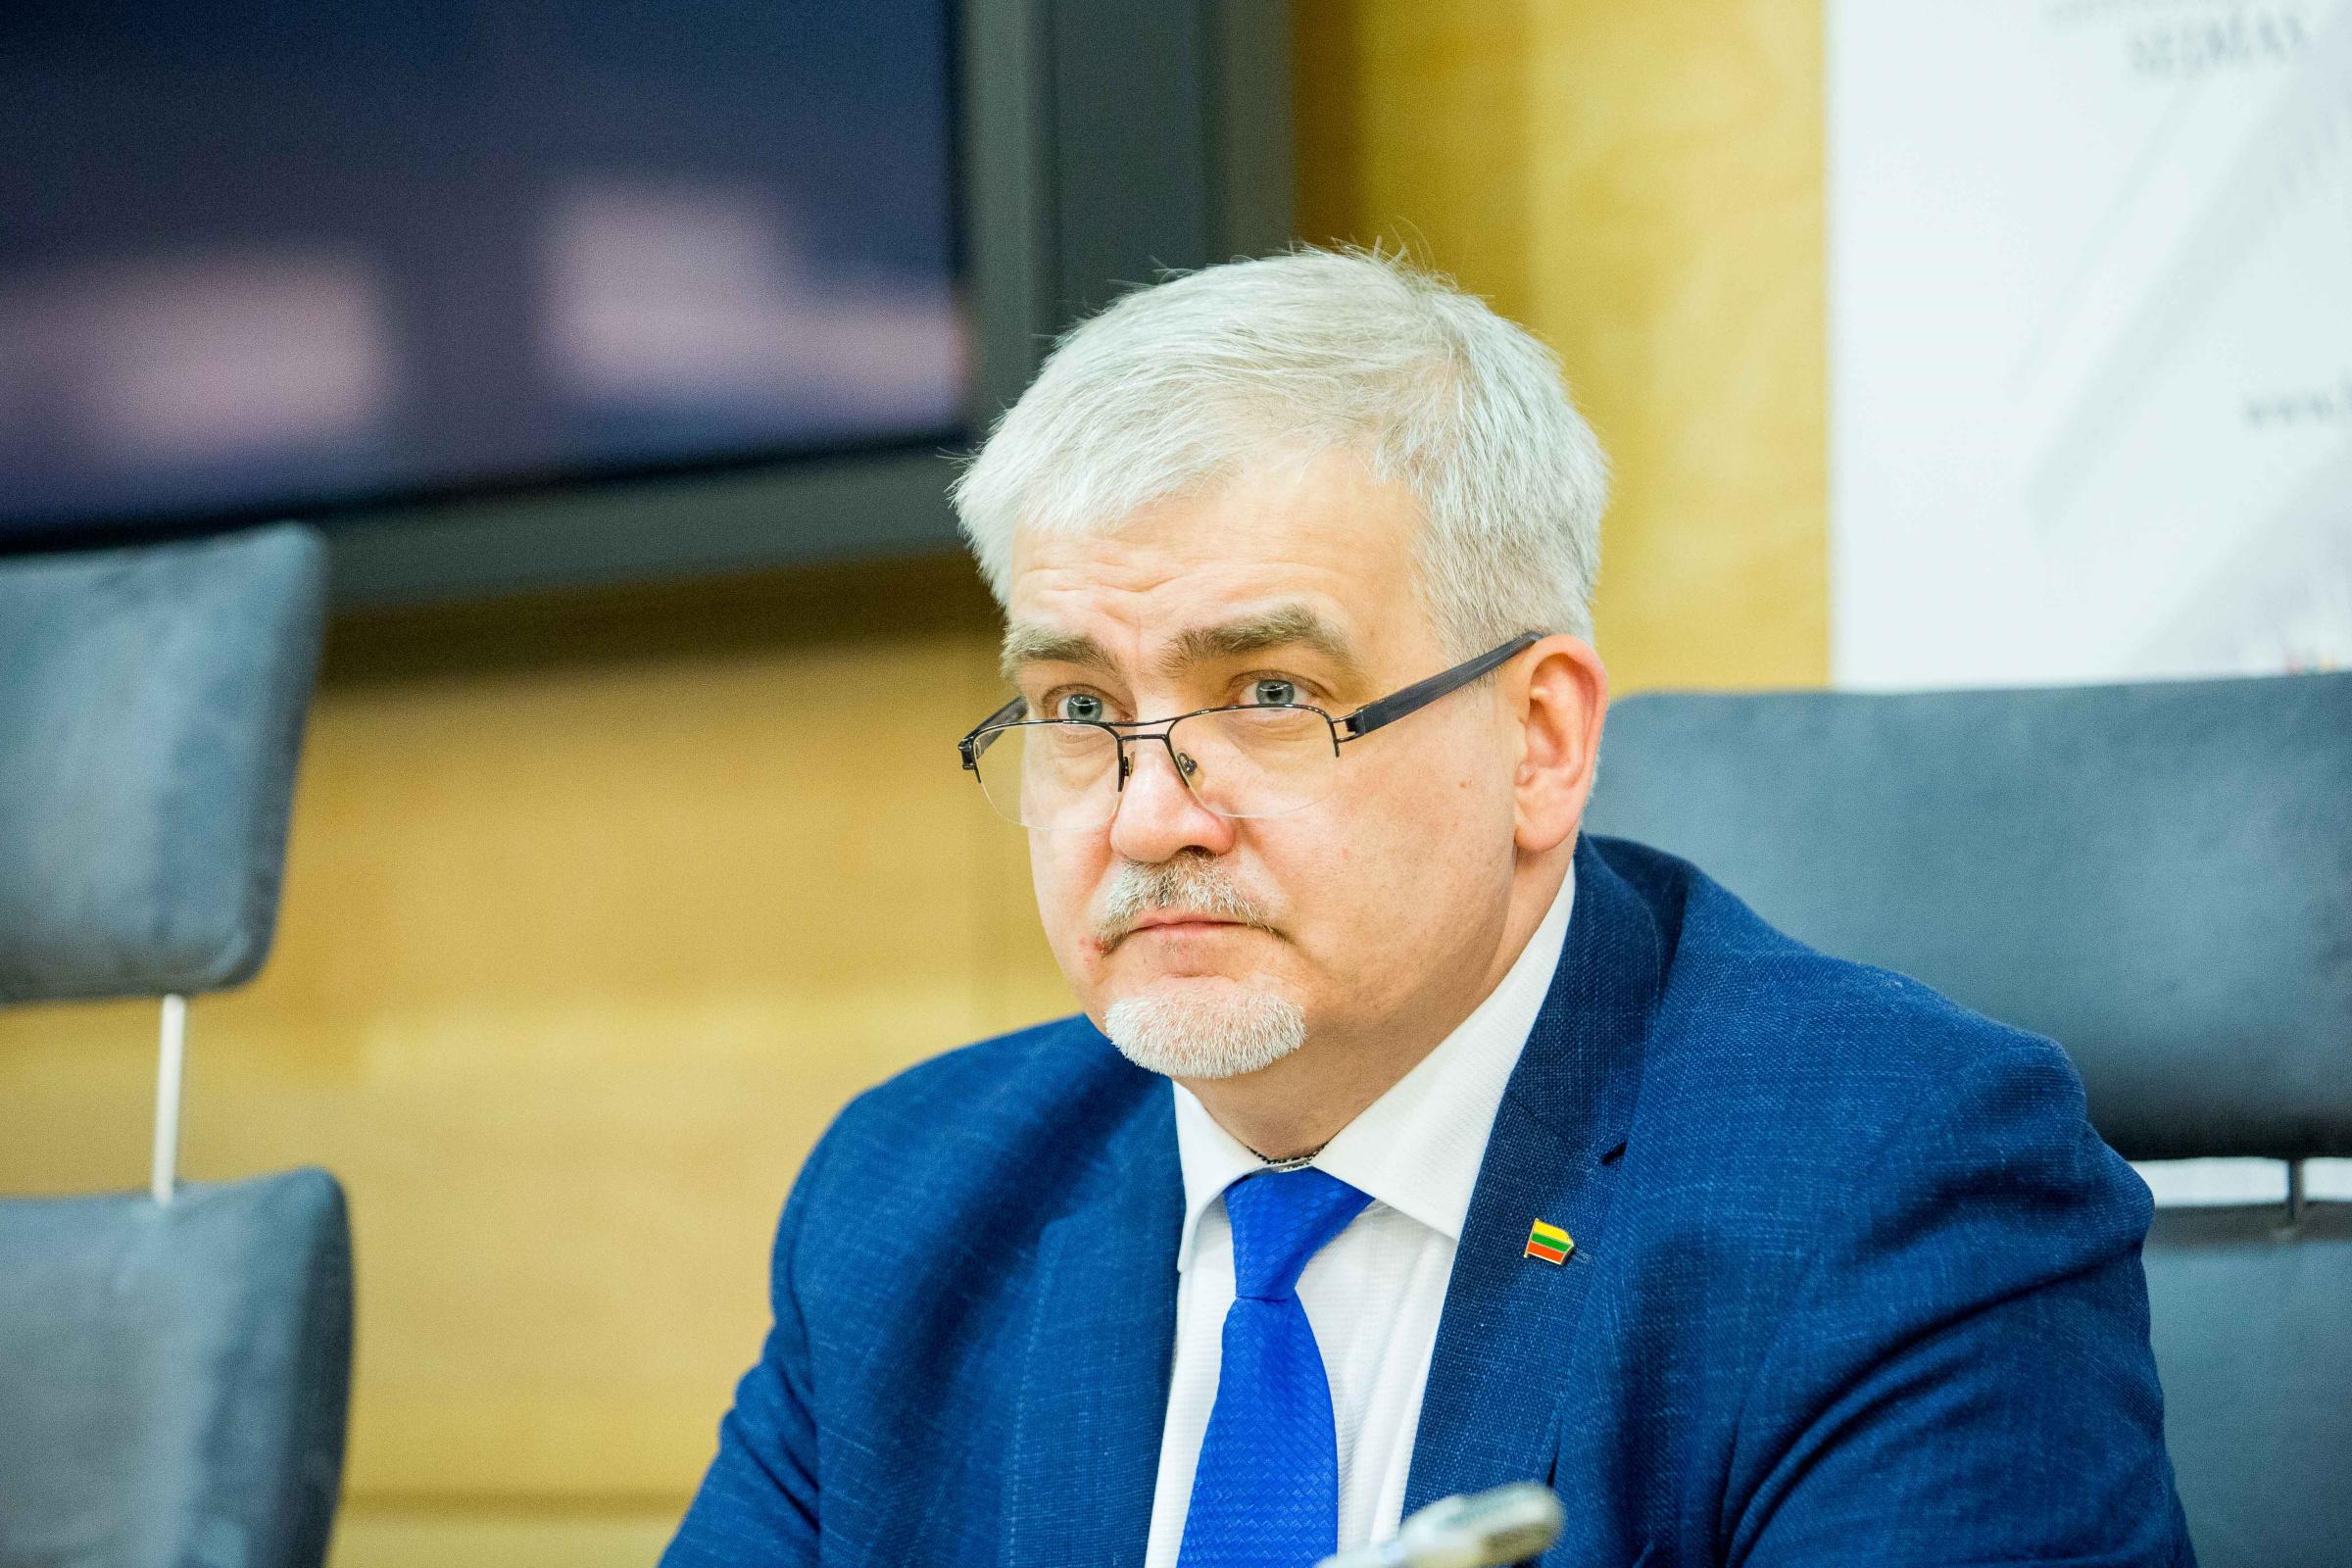 """LR Seimo narys Darius Kaminskas: """"Kai žinai, kaip realiai gyvena žmogus, su kuo jis susiduria, tai greičiau suvoki, kokius darbus padaryti ir kokius įstatymų pakeitimus siūlyti, kad tos problemoms būtų išspręstos.""""/ BNS nuotr."""